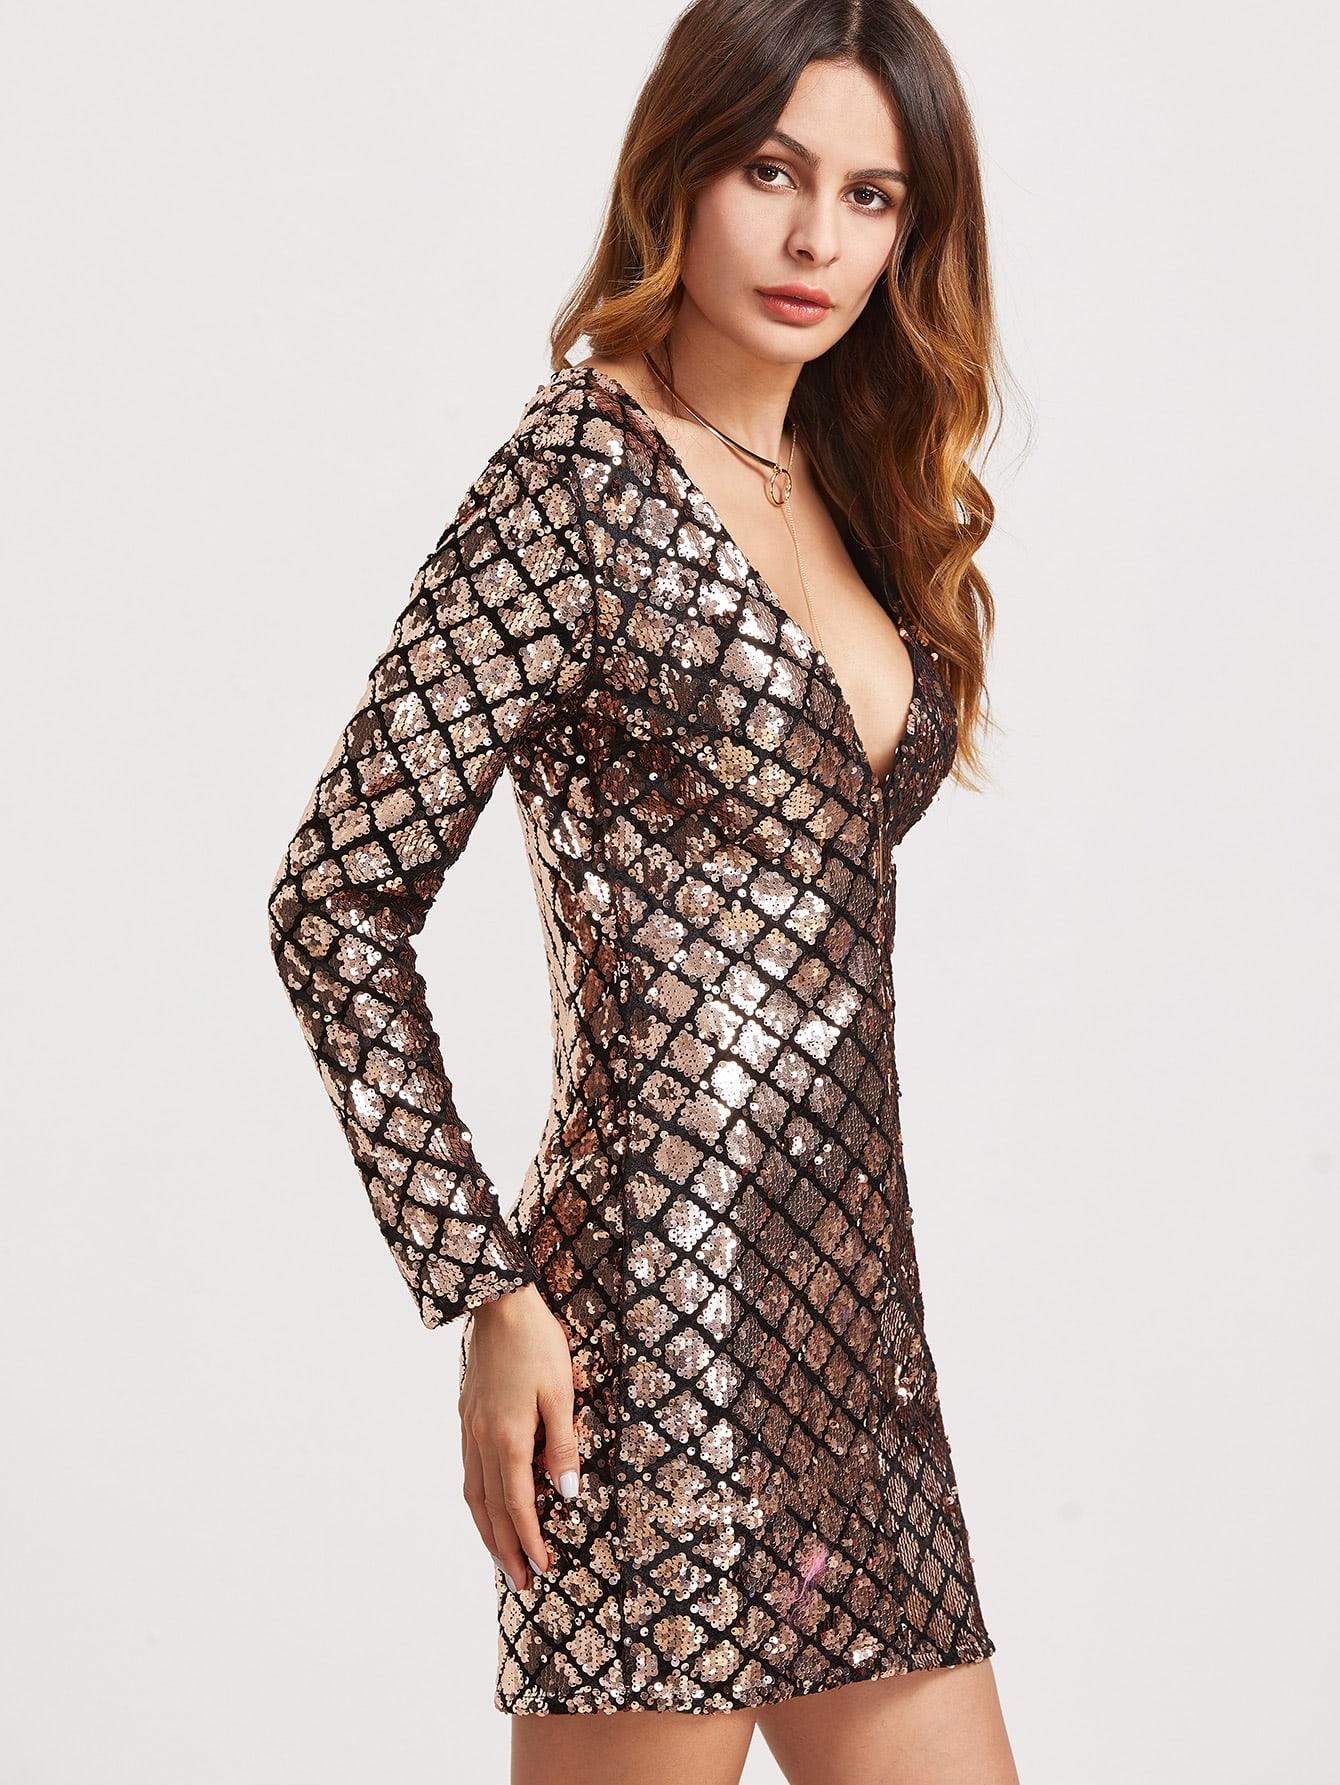 dress170110305_2